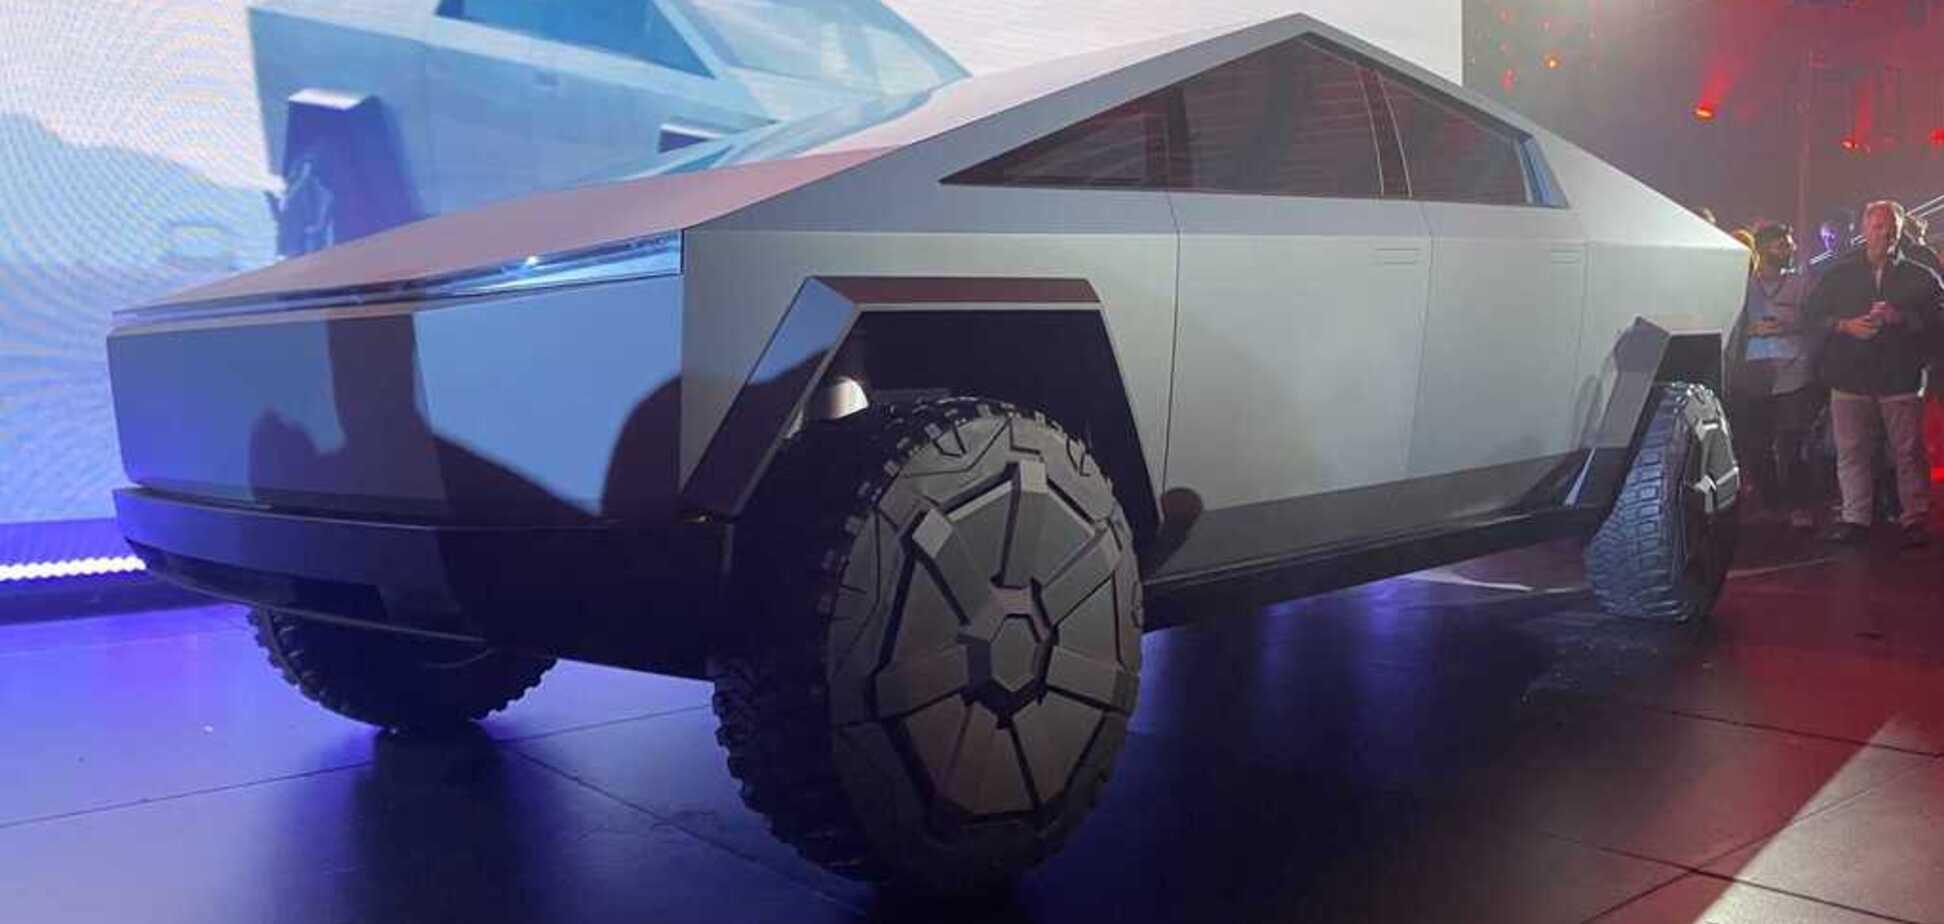 Маск пообіцяв оснастити Cybertruck несподіваною деталлю: як це працюватиме